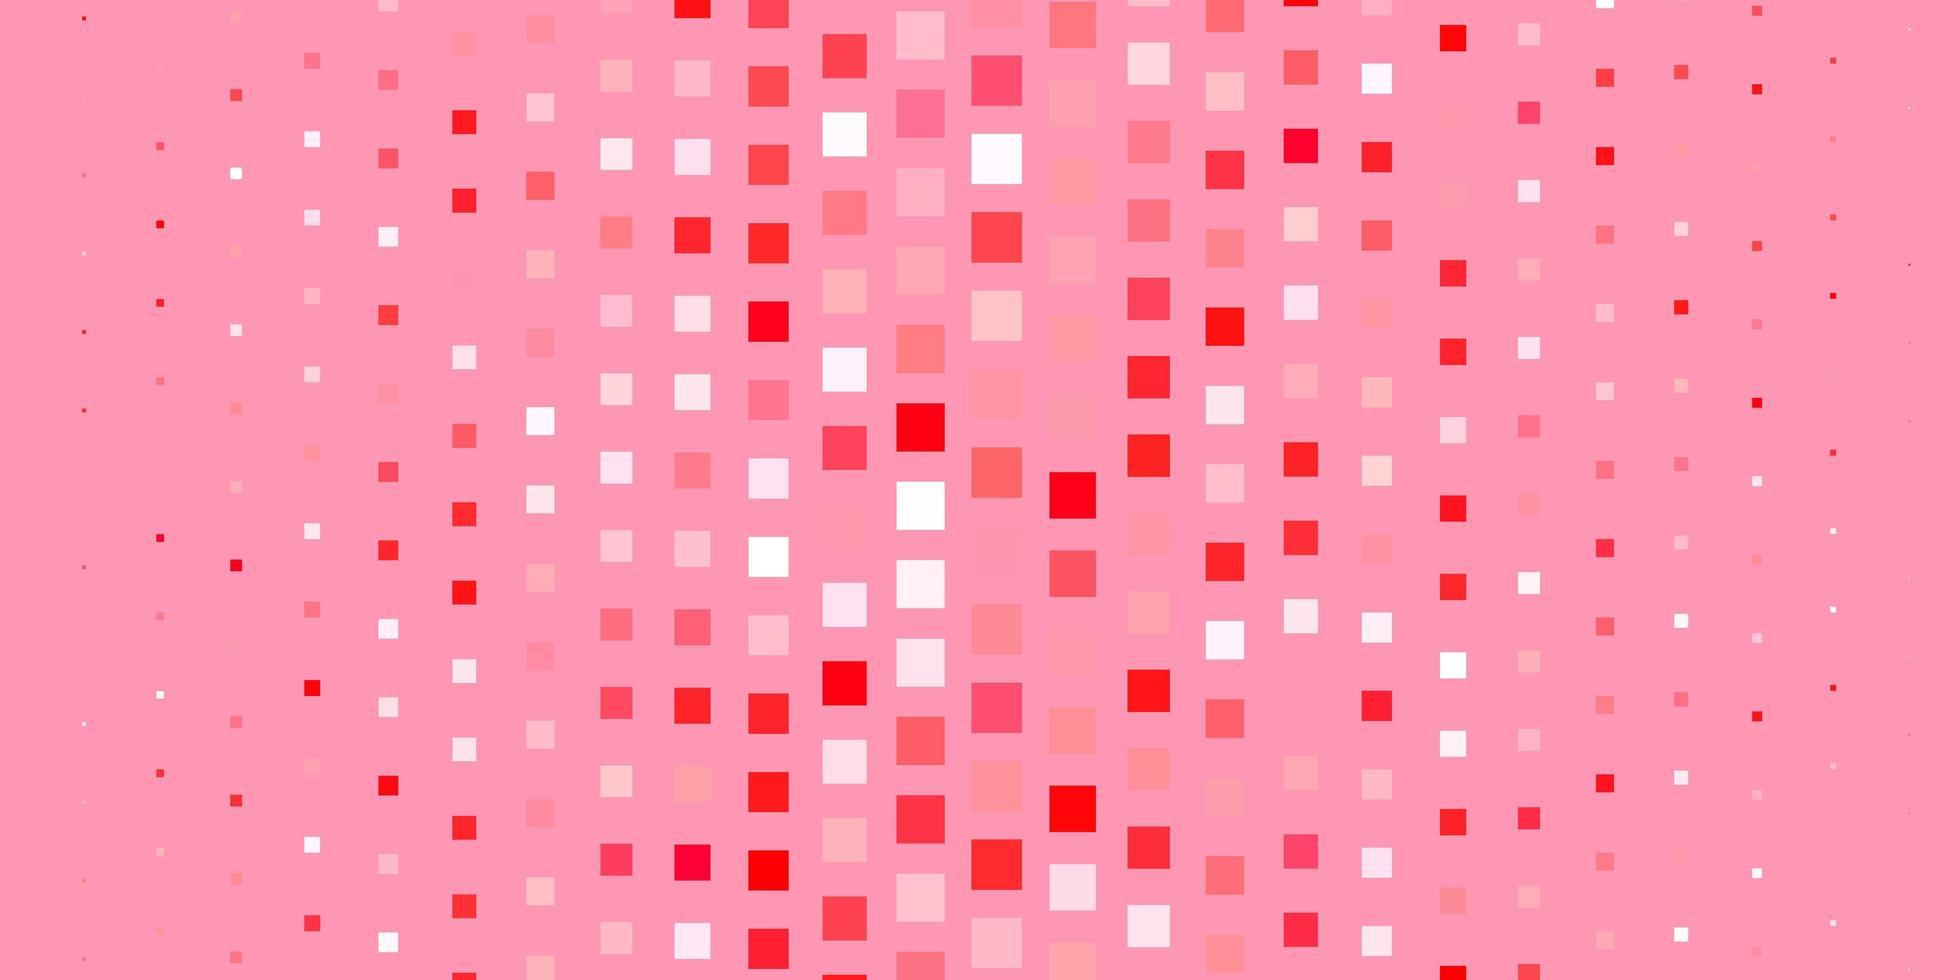 ljusröd vektorstruktur i rektangulär stil. vektor